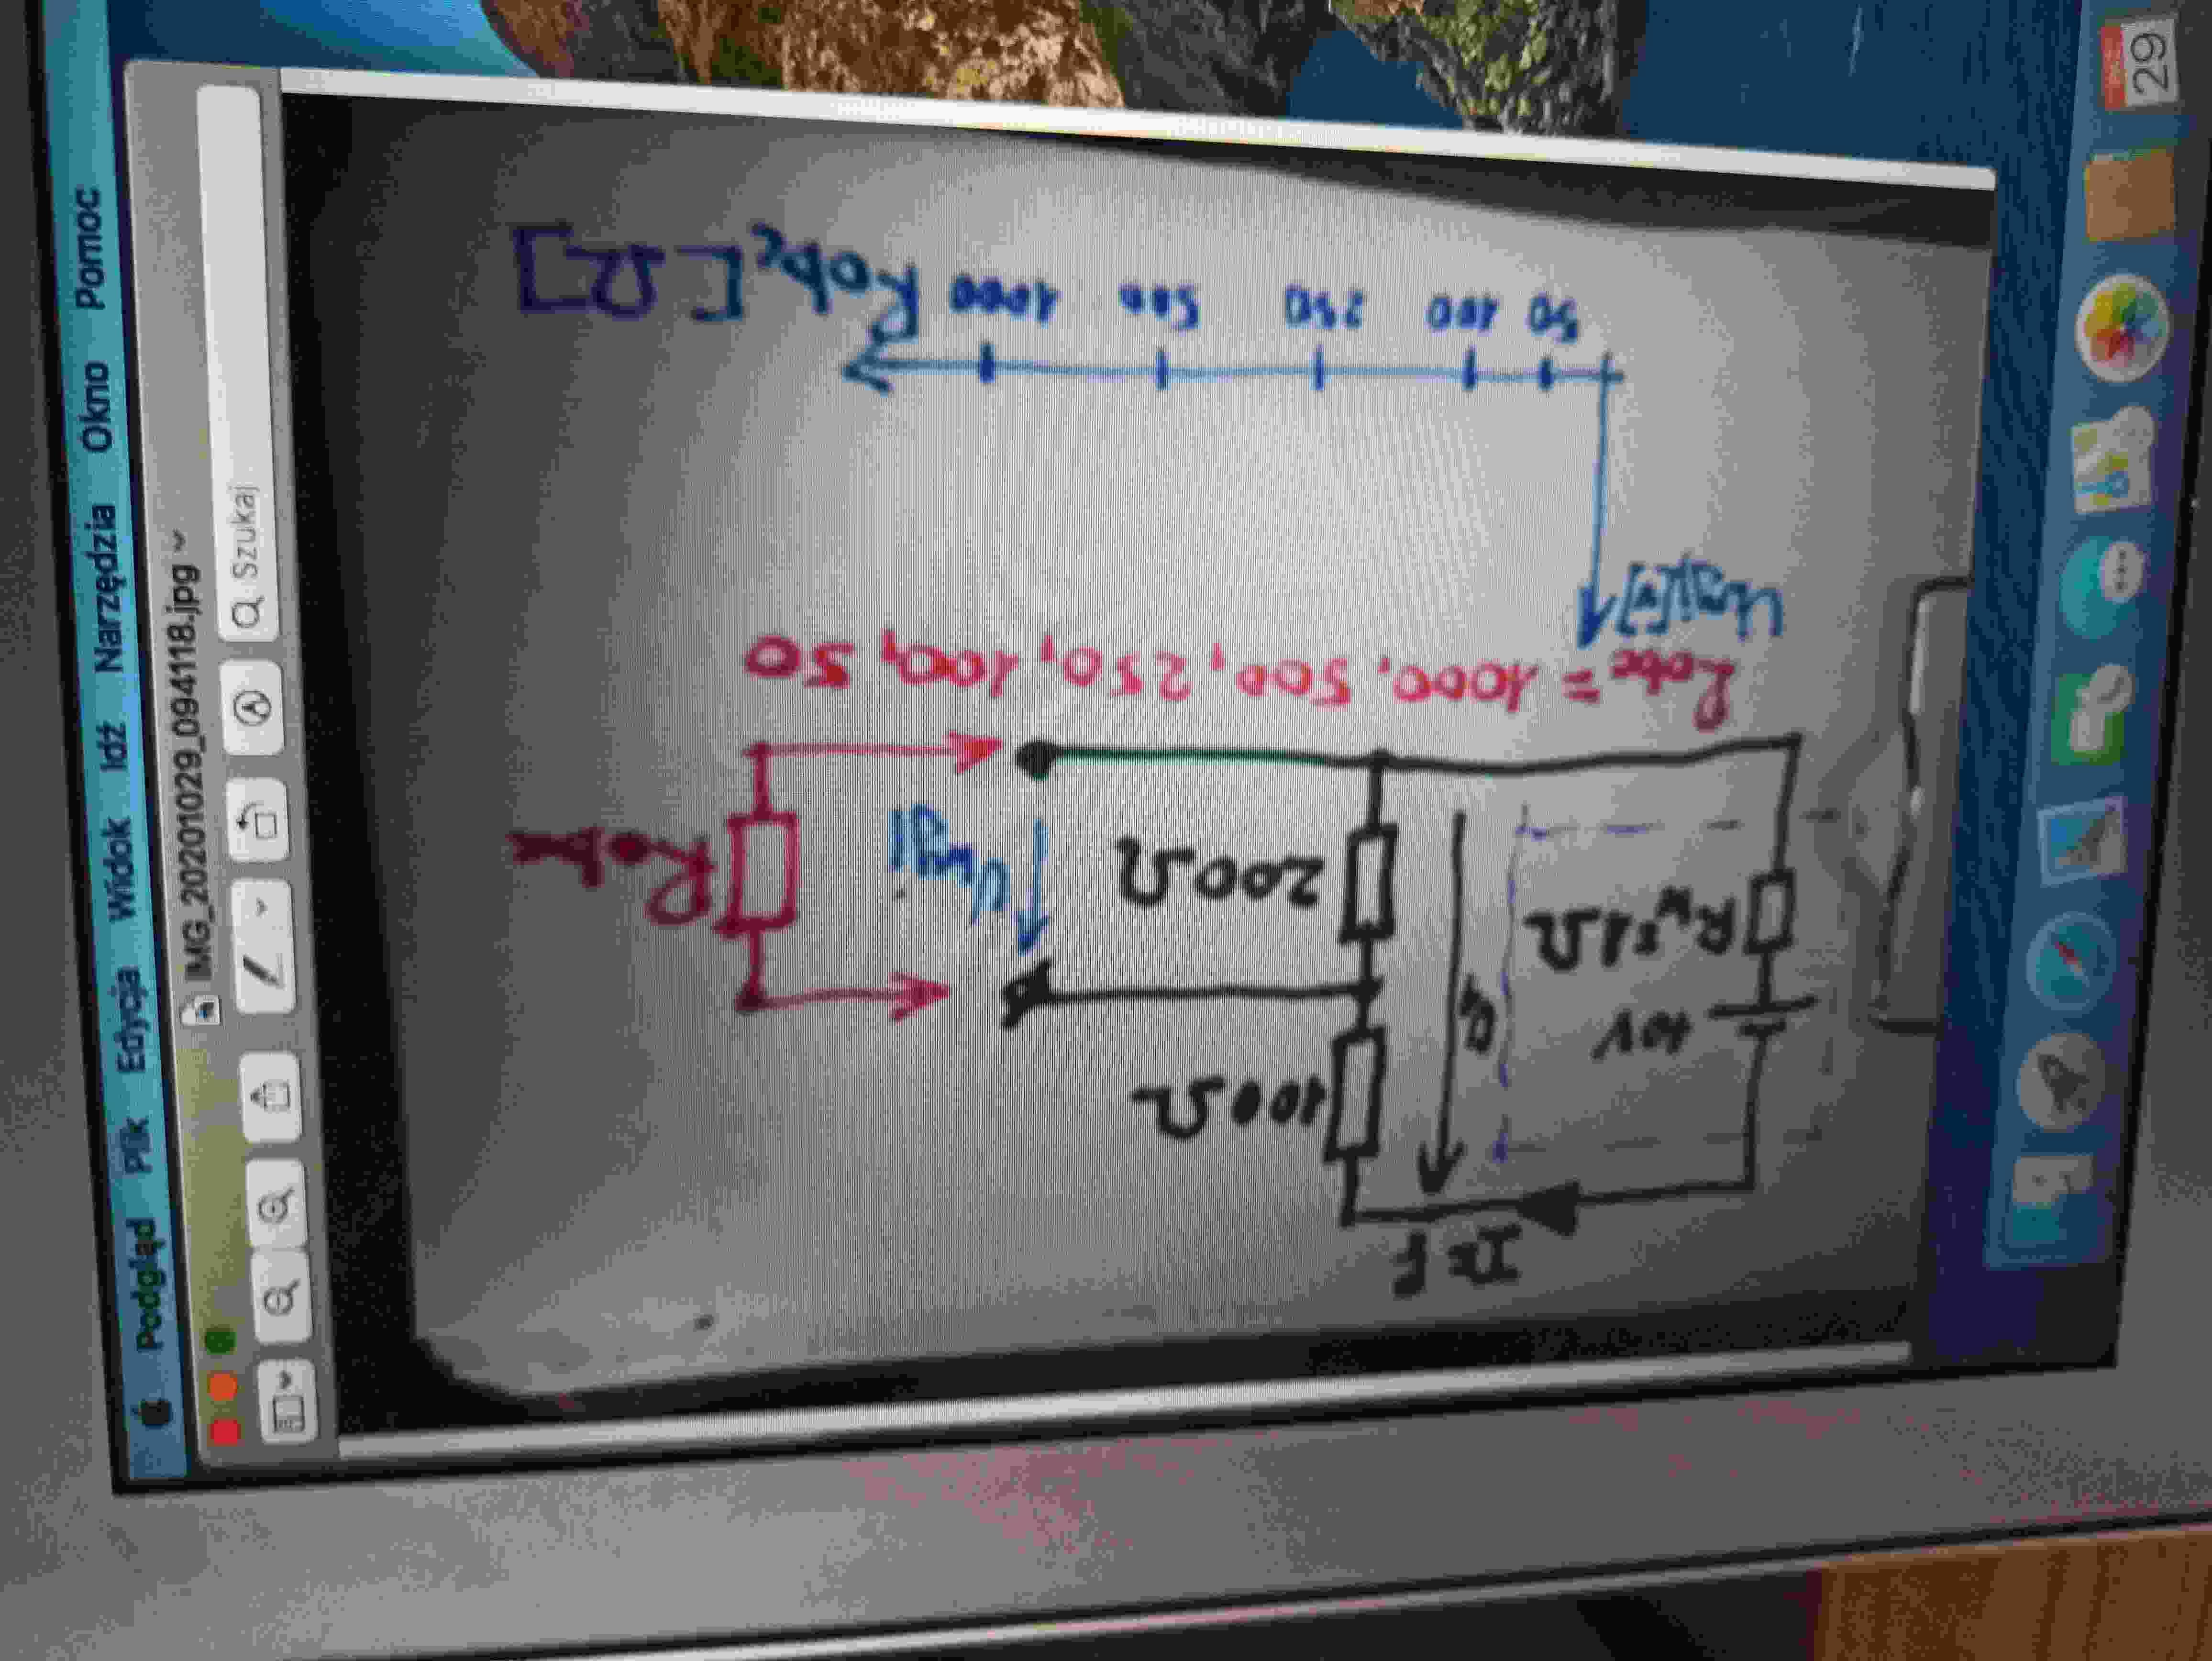 Szkoła podstawowa • Analiza pracy dzielnika rezystsncyjnego